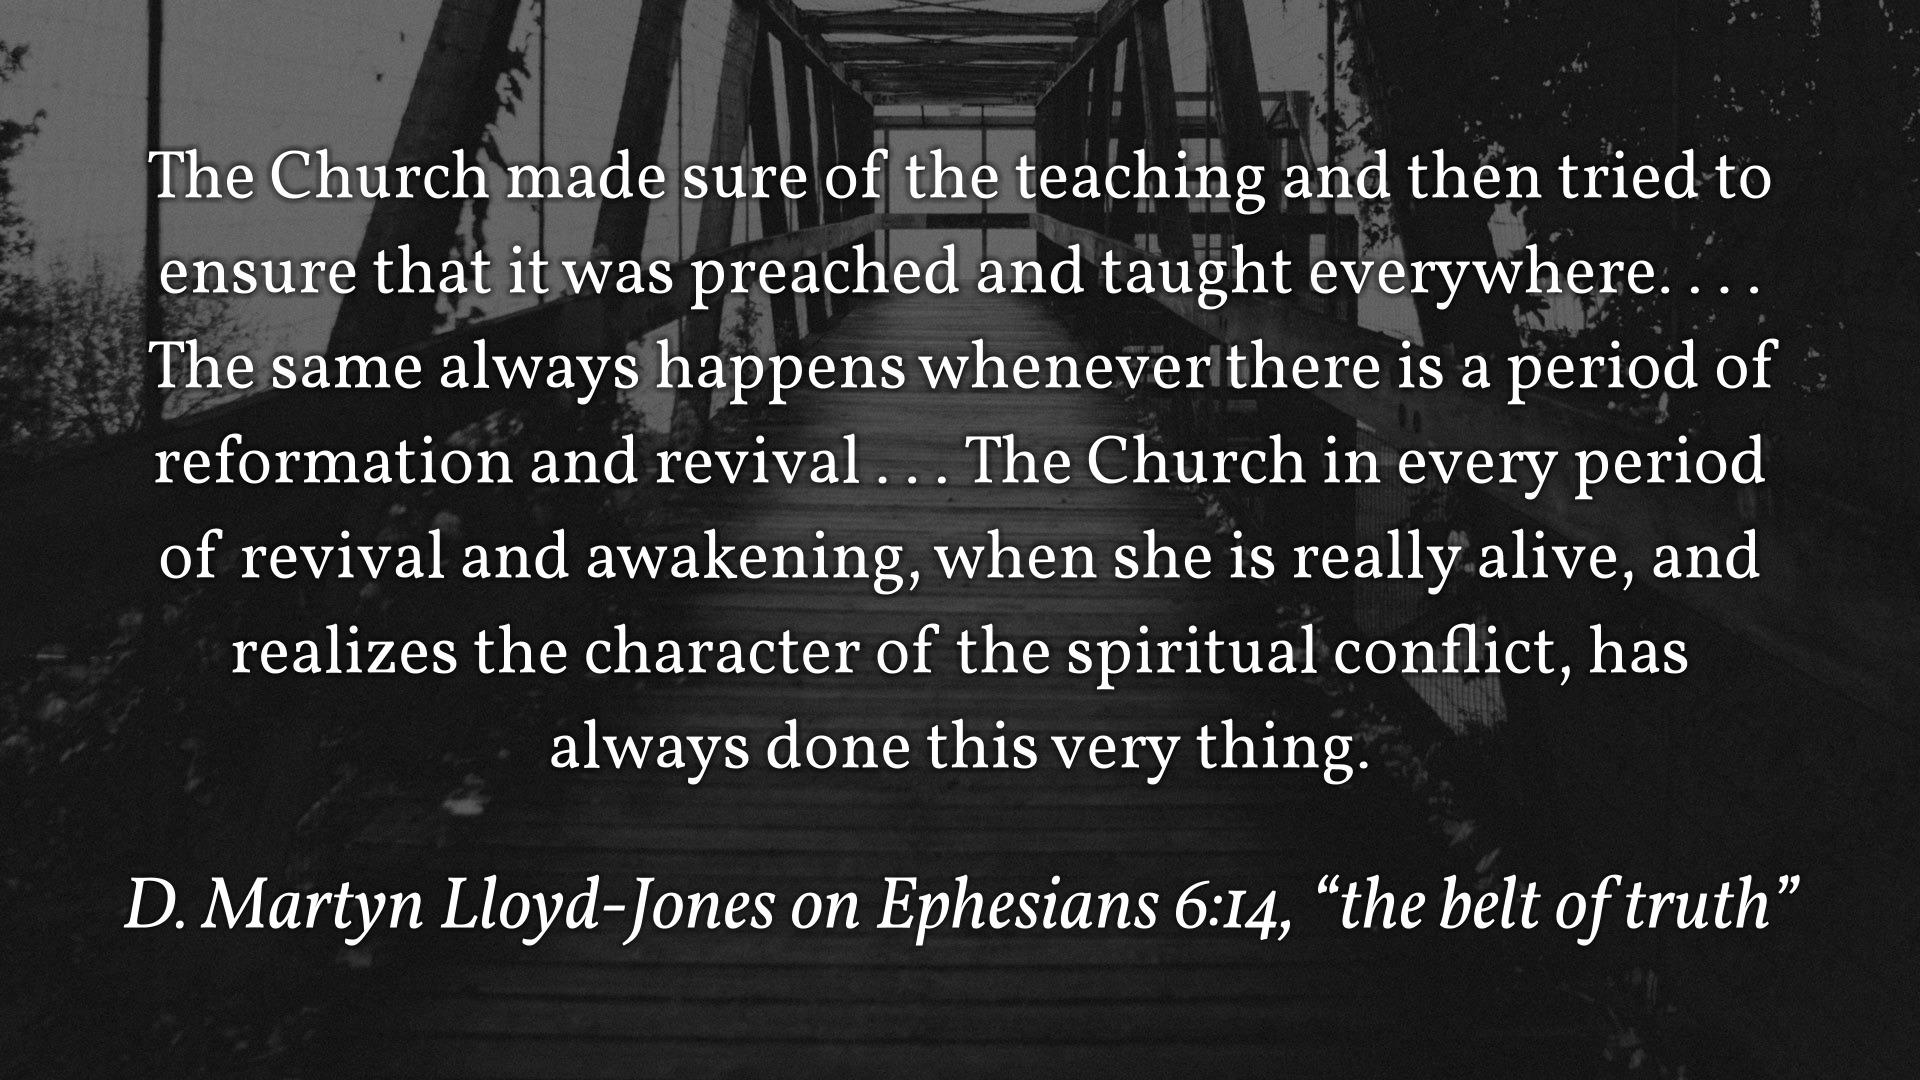 MLJ on Ephesians 6,14